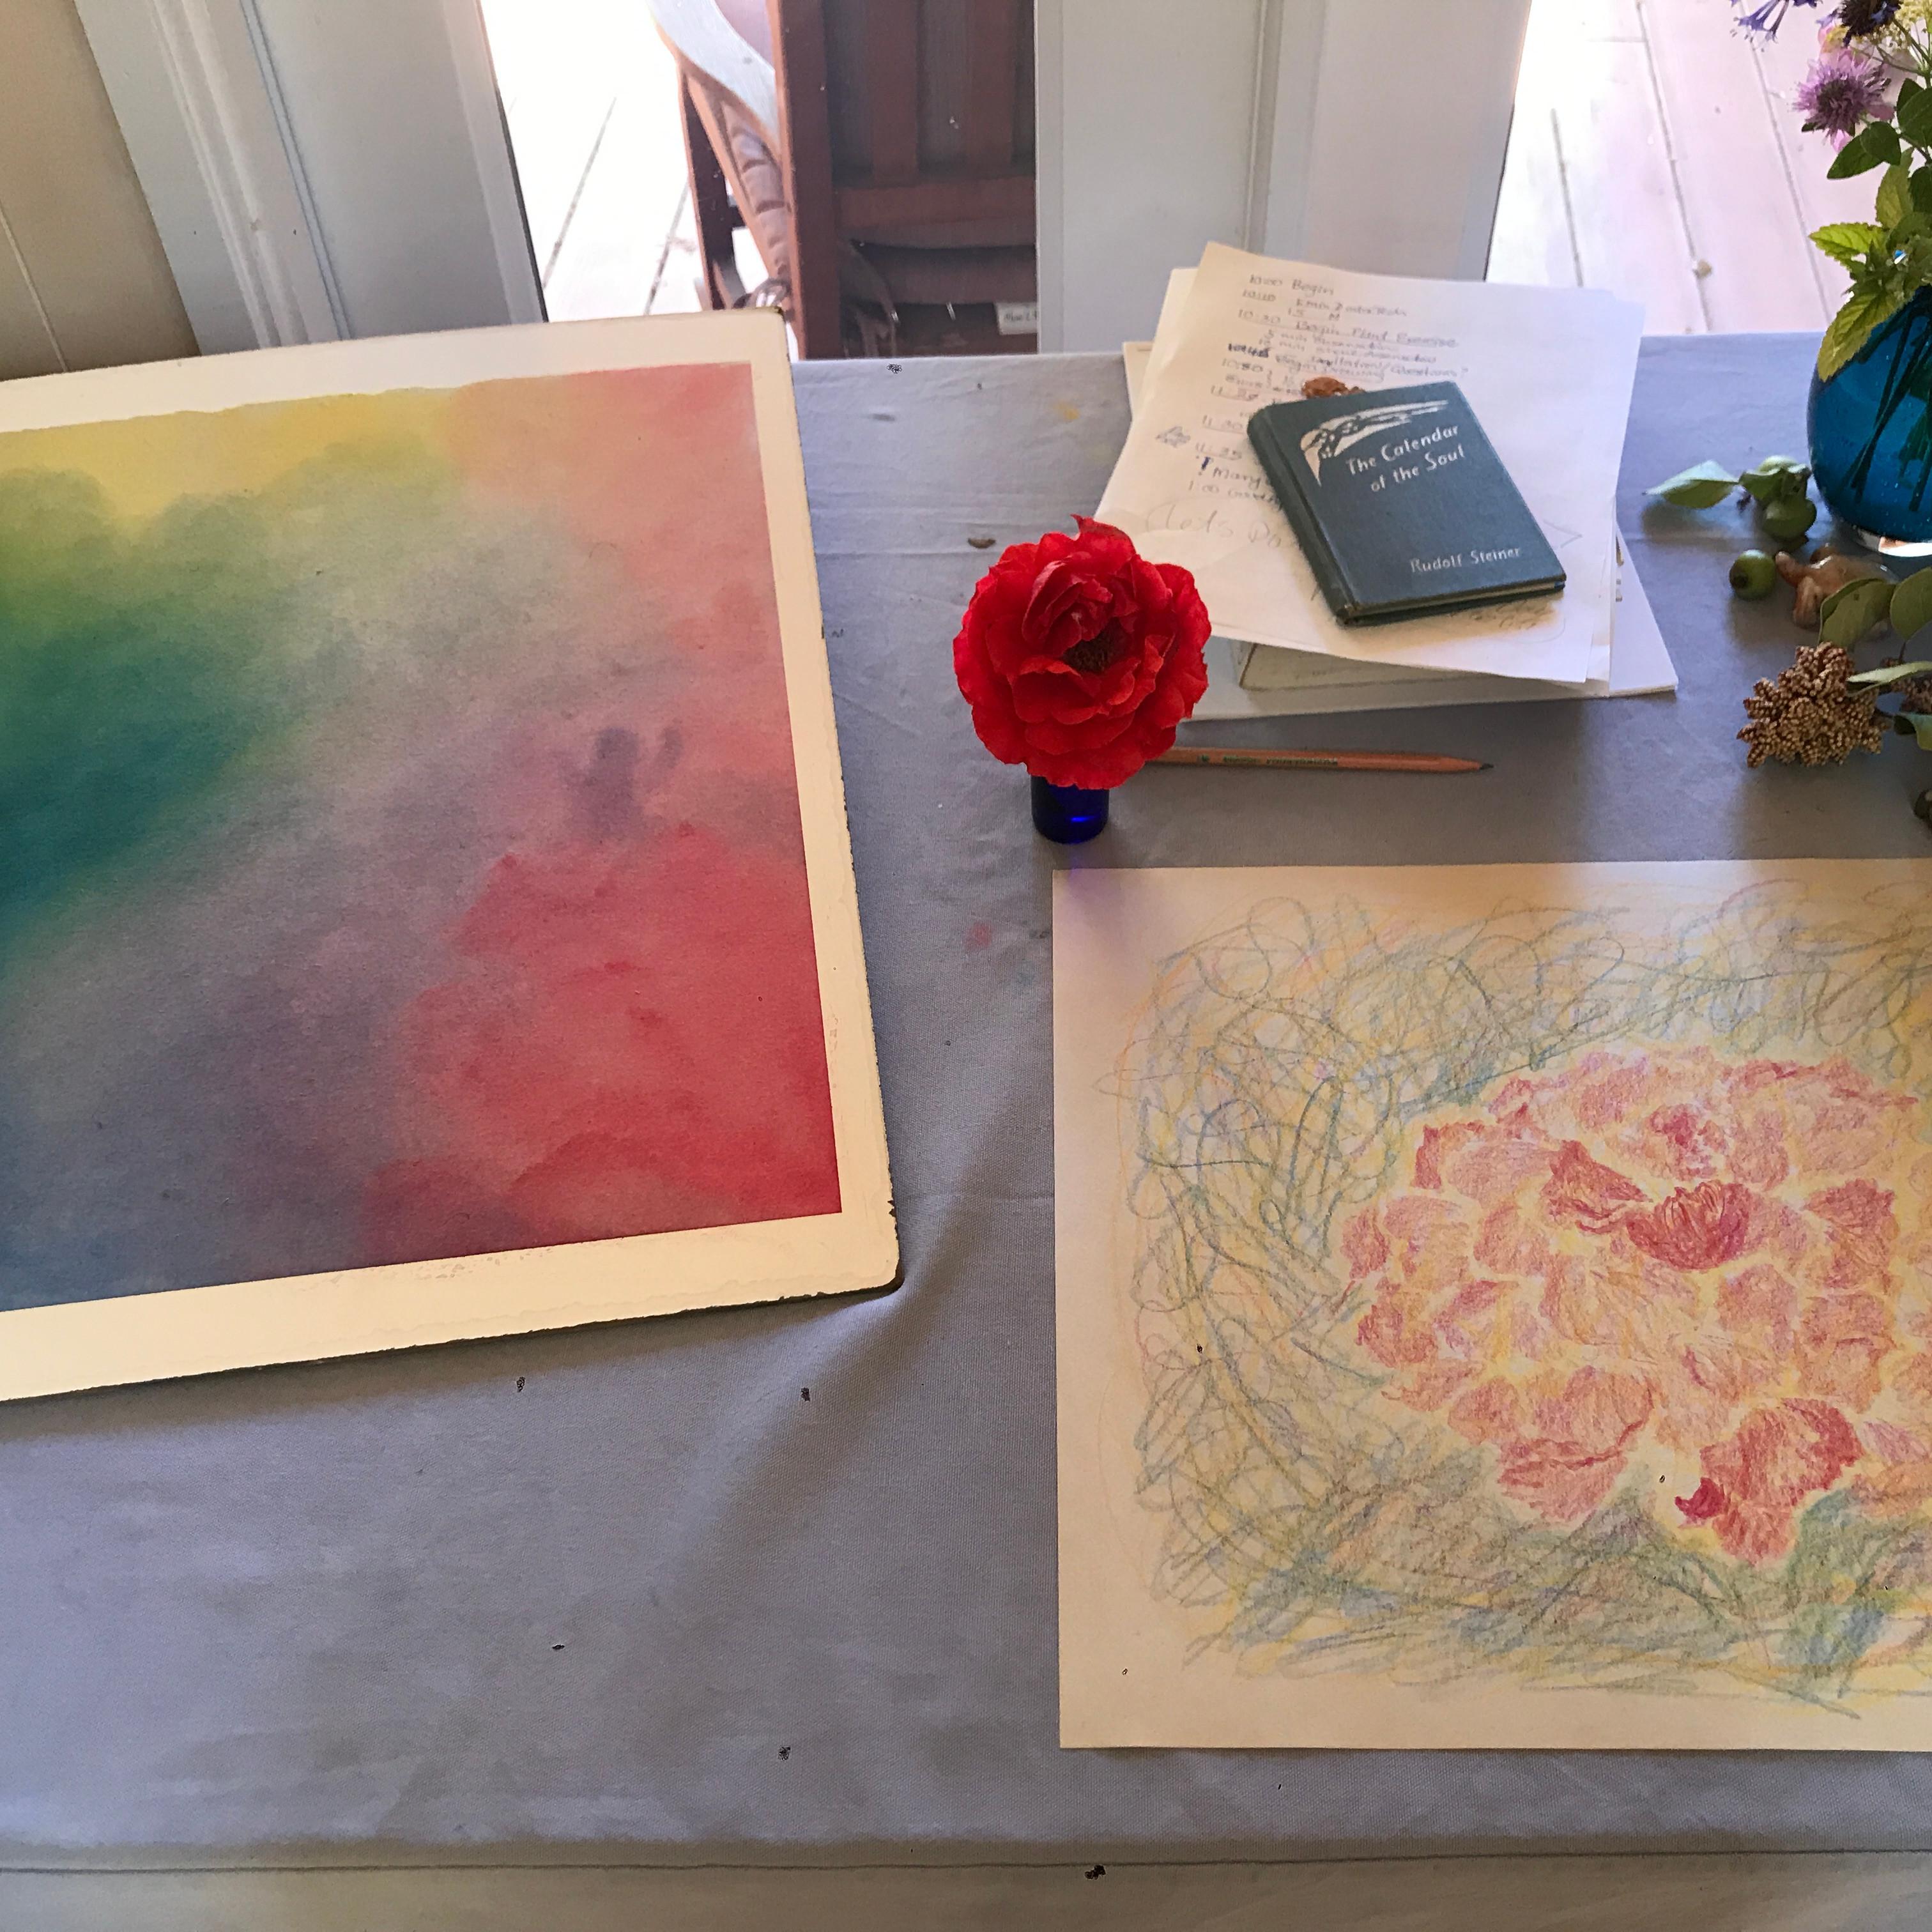 Nurturing Arts: First Sunday